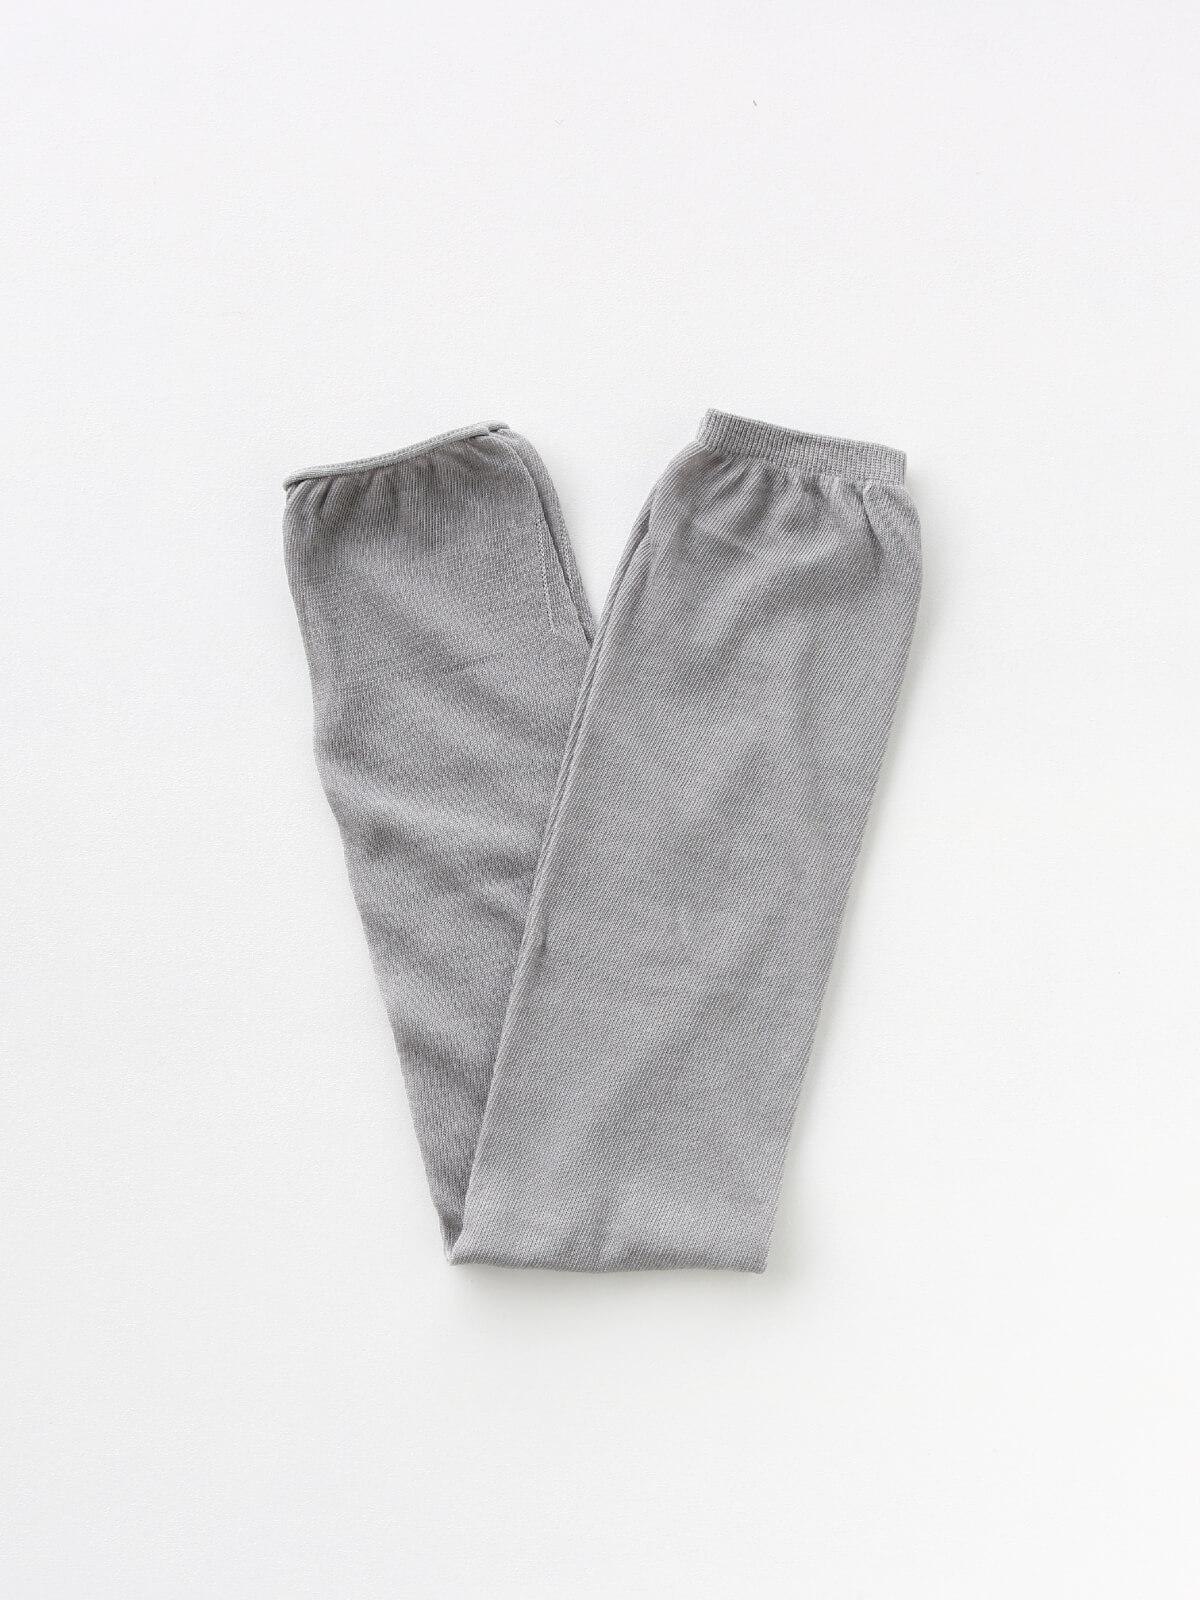 当たりつきギフト専用靴下のLUCKY SOCKS(ラッキーソックス)のSunscreen Plain Armcover(サンスクリーンプレーンアームカバー)のミディアムグレー_2